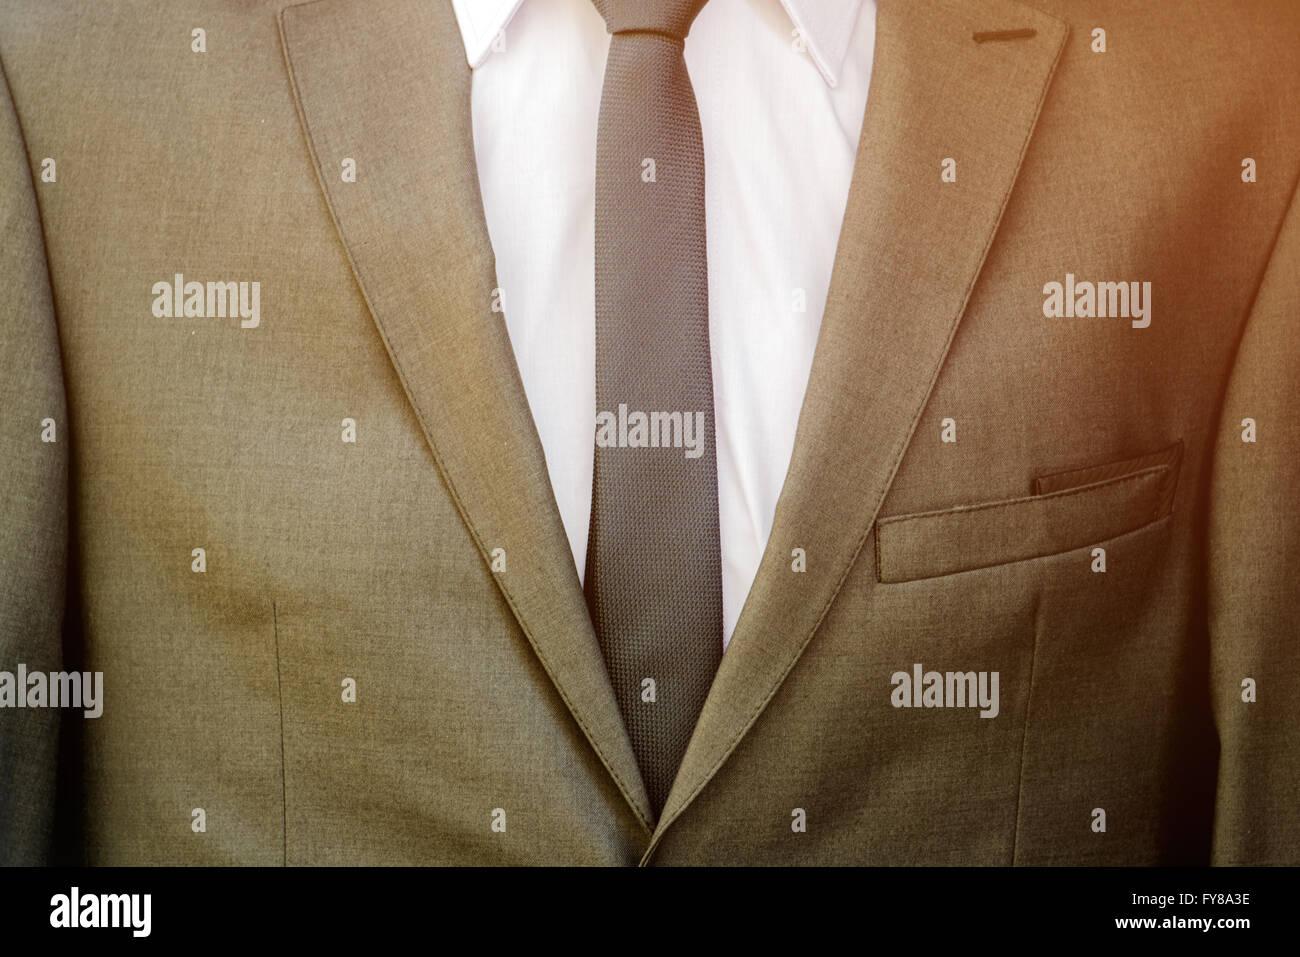 Modernes Business-Anzug mit weißem Hemd und Krawatte, unkenntlich Geschäftsmann. Stockbild